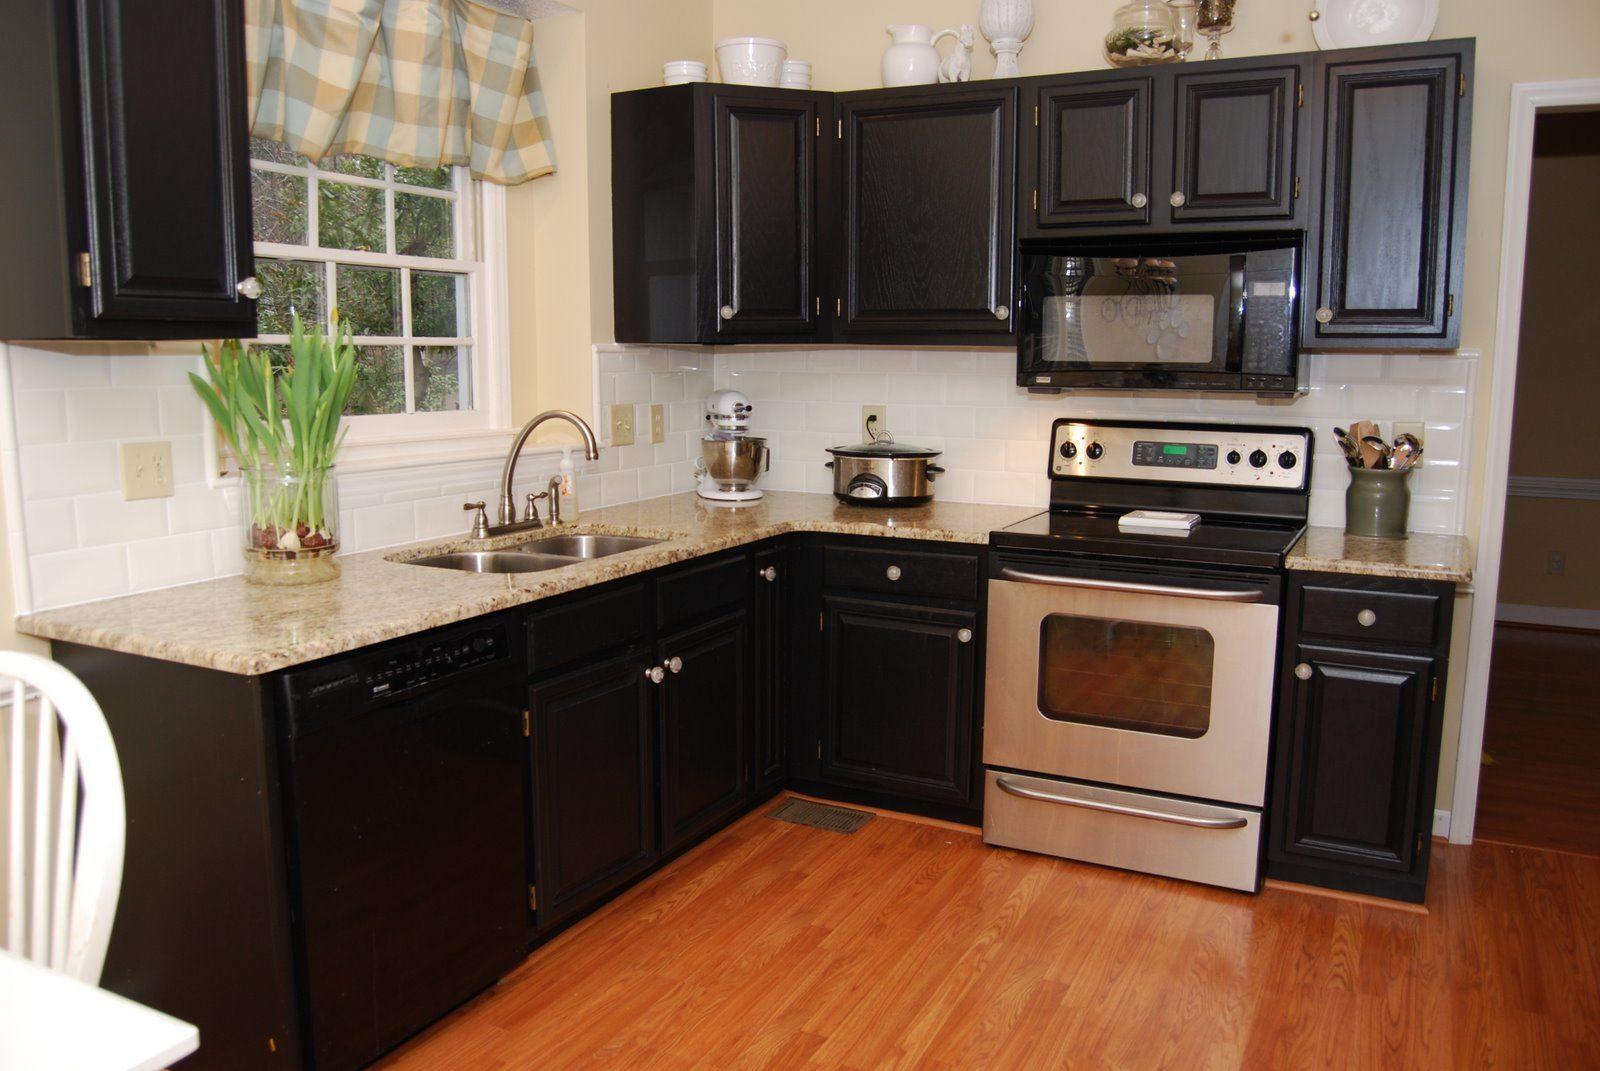 Comprar Muebles Cocina Baratos. Top Consejos Para Comprar Muebles De ...